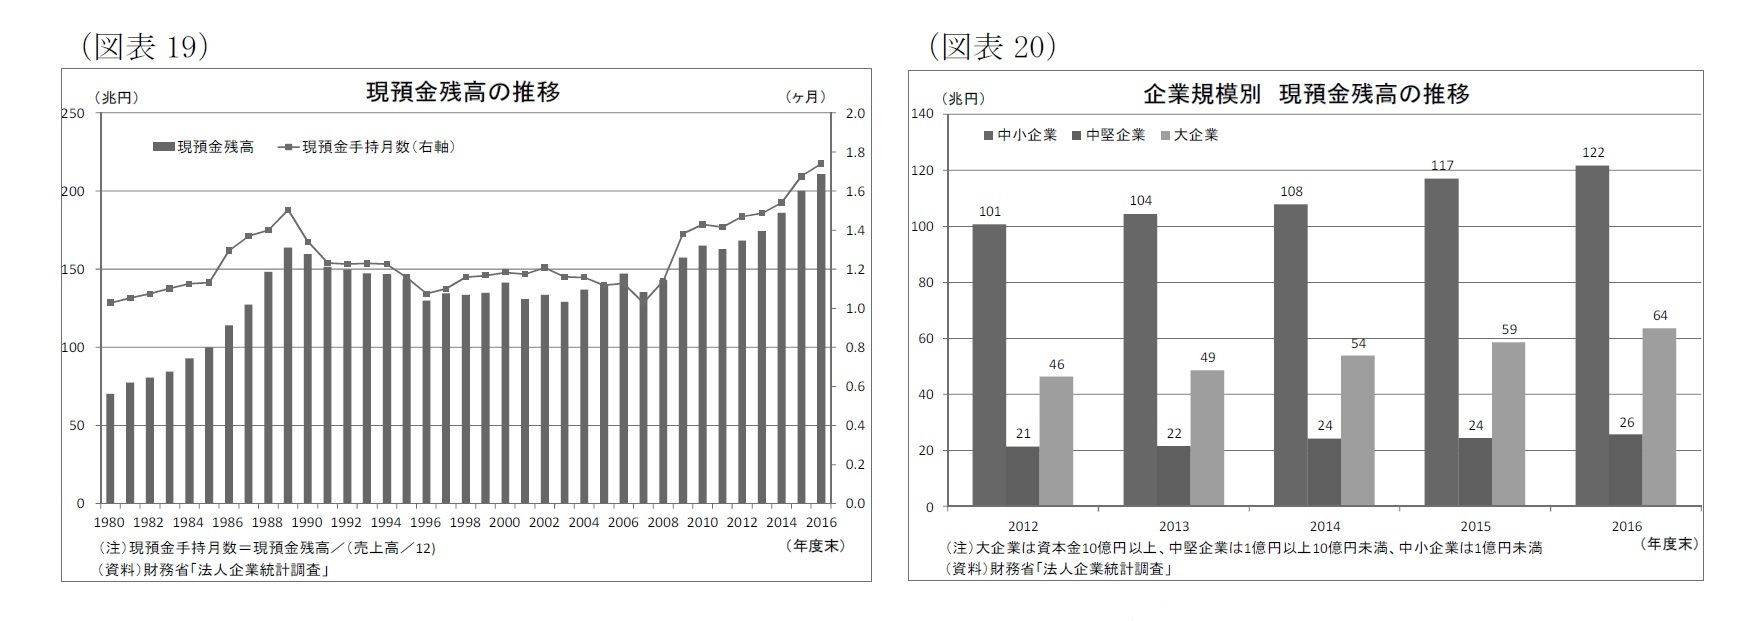 (図表19)現預金残高の推移/(図表20)企業規模別現預金残高の推移